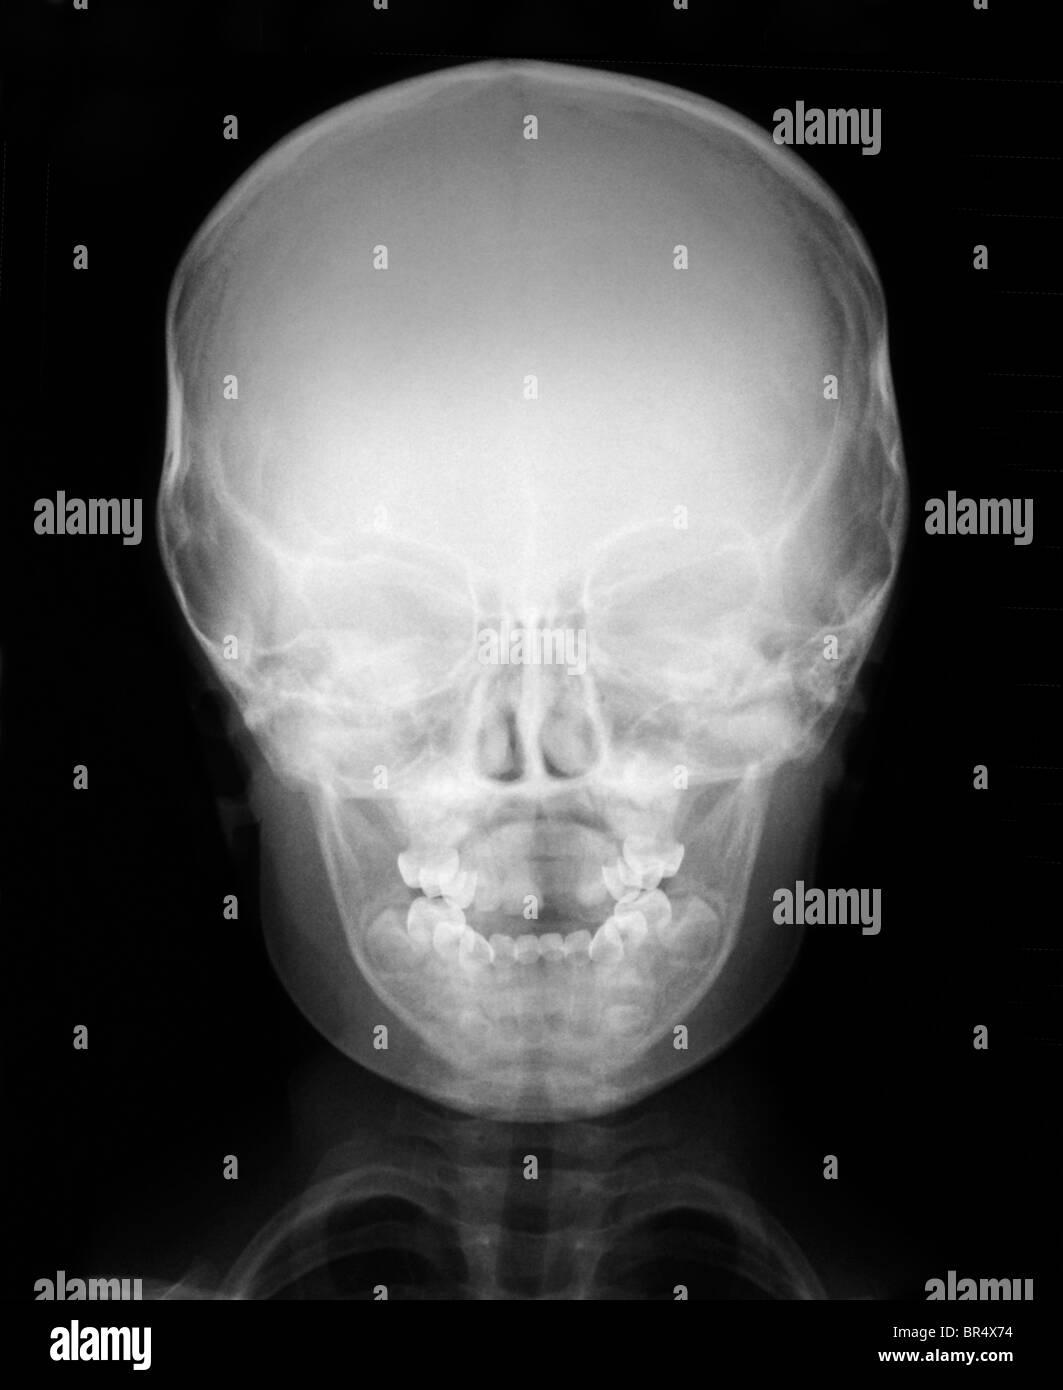 Skull x ray anatomy